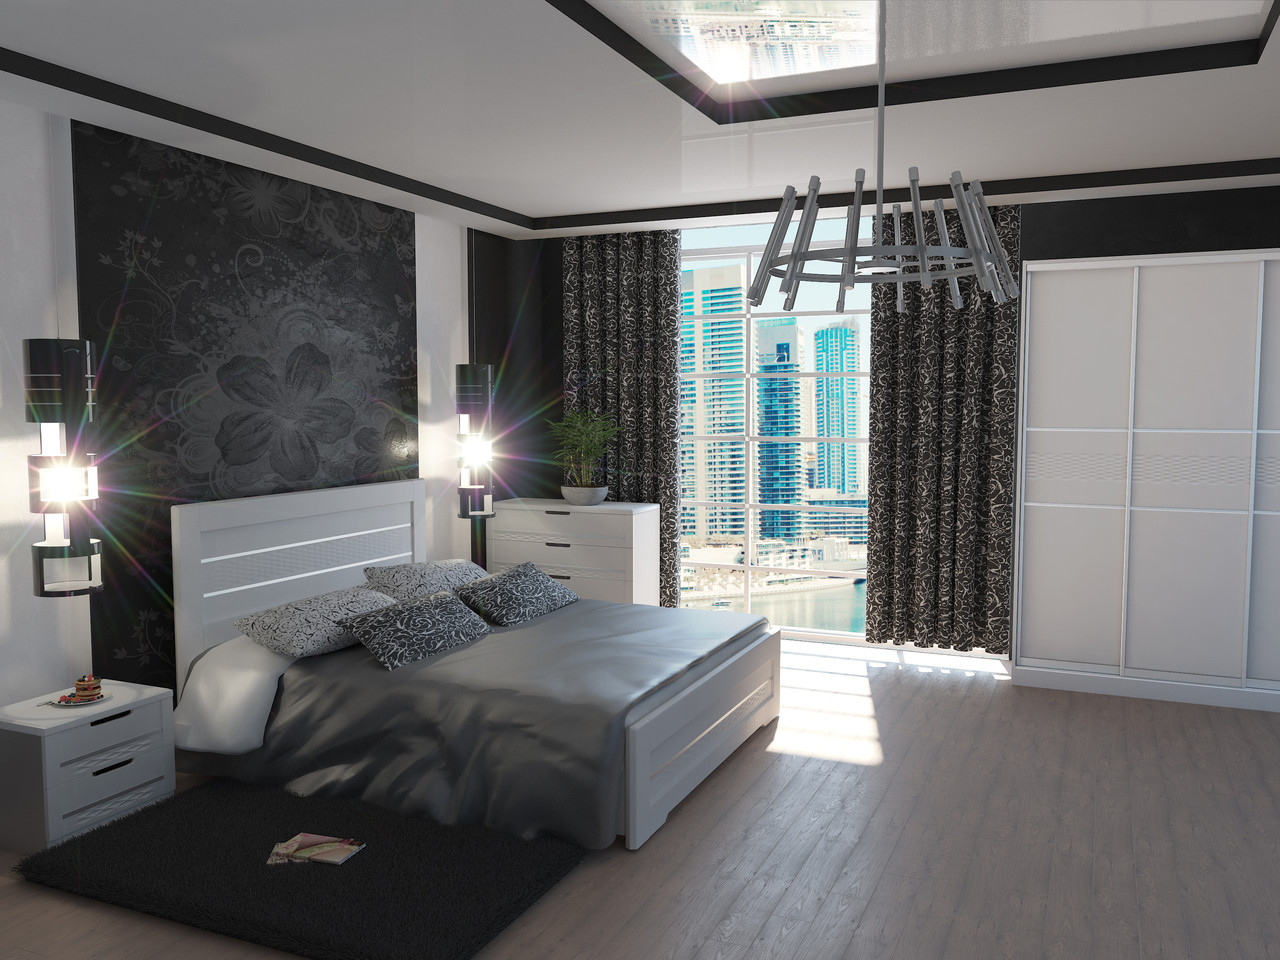 Кровать Соломия (1,20 м.) (ассортимент цветов)